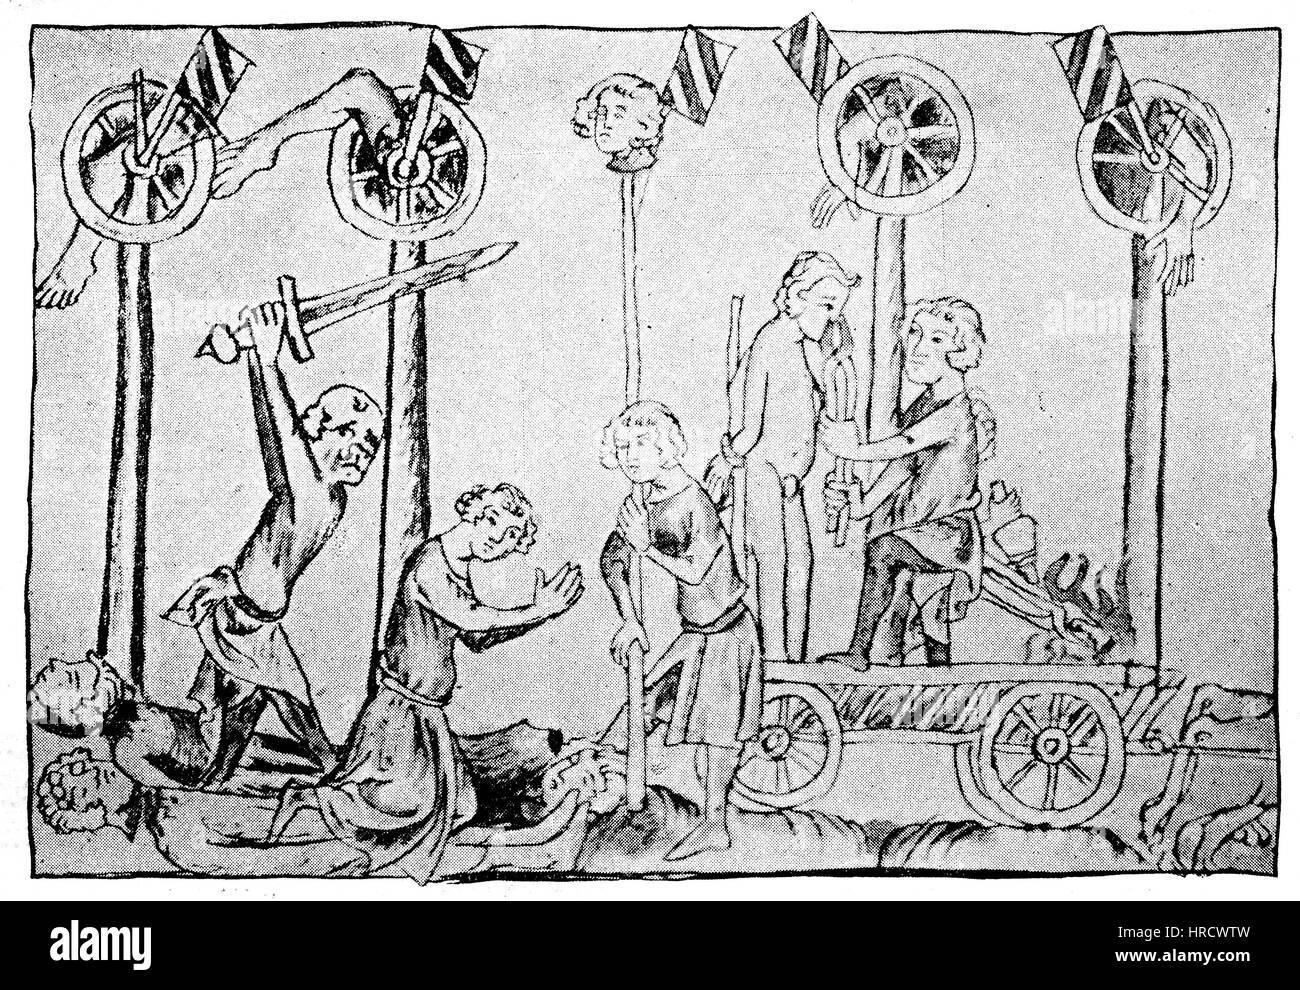 Esecuzione di un uomo che ha commesso di alto tradimento era Tebaldo de Brusati, comandante di Bresccia, che stava Immagini Stock